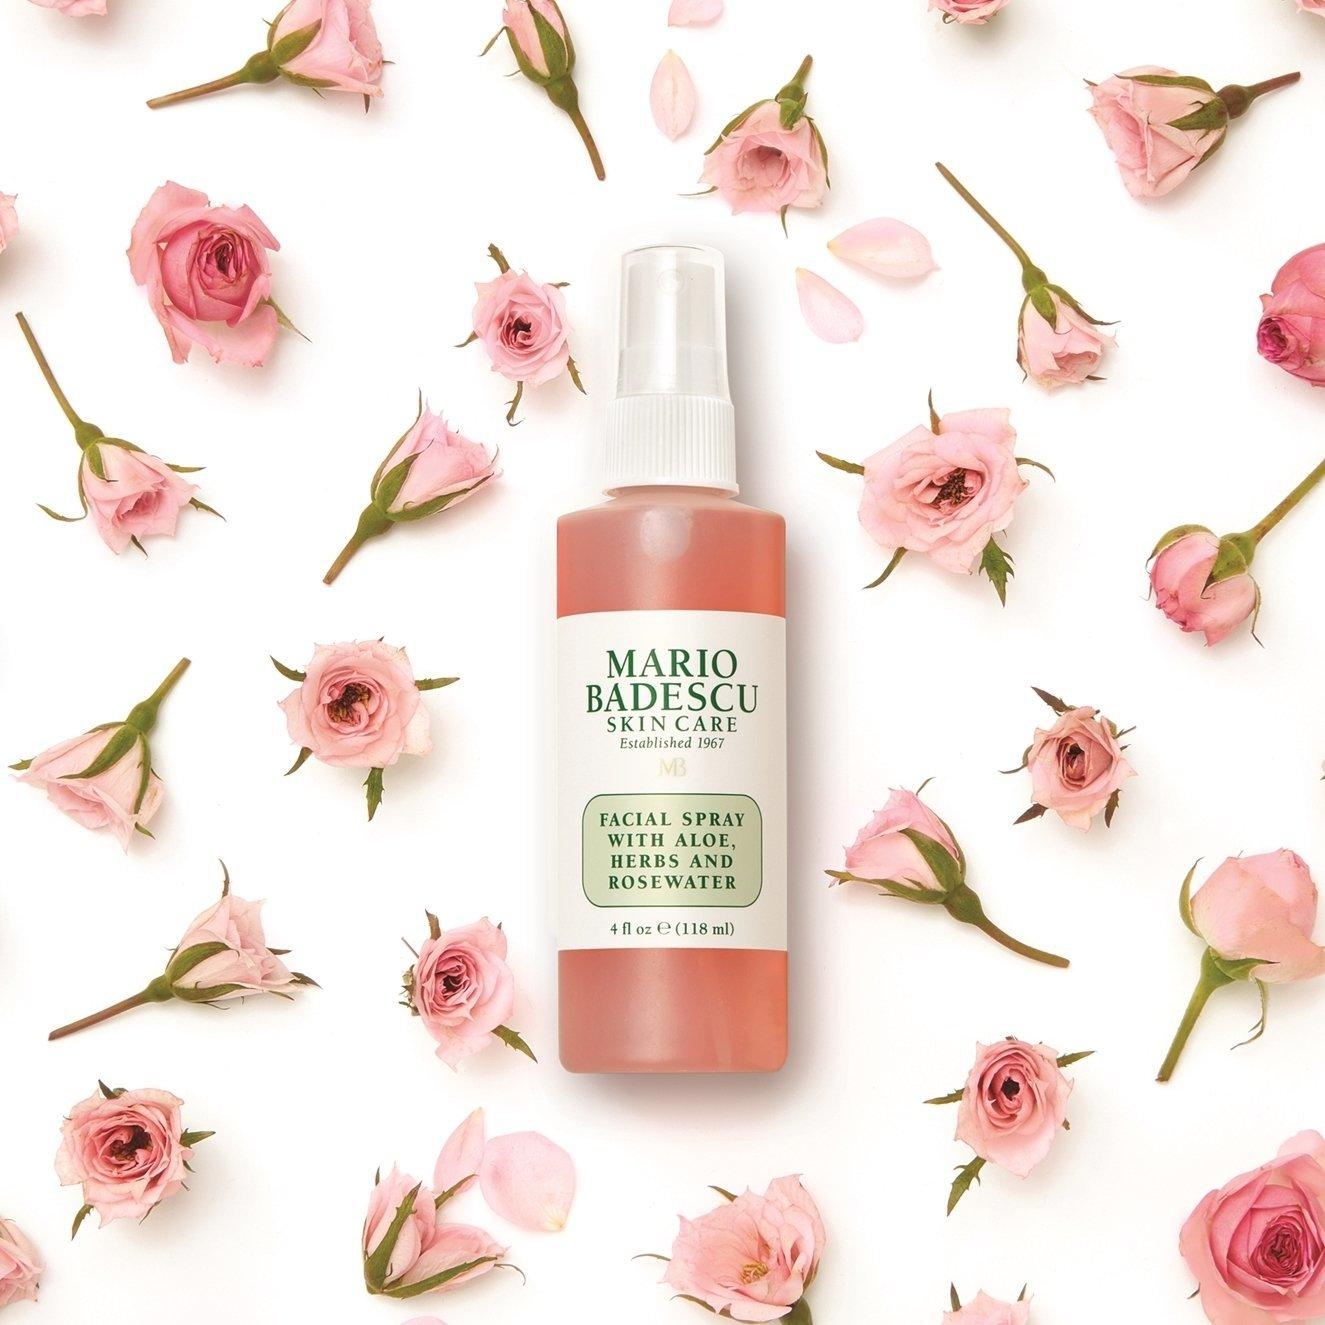 Набор Mario Badescu Facial spray + Rose Lip Balm